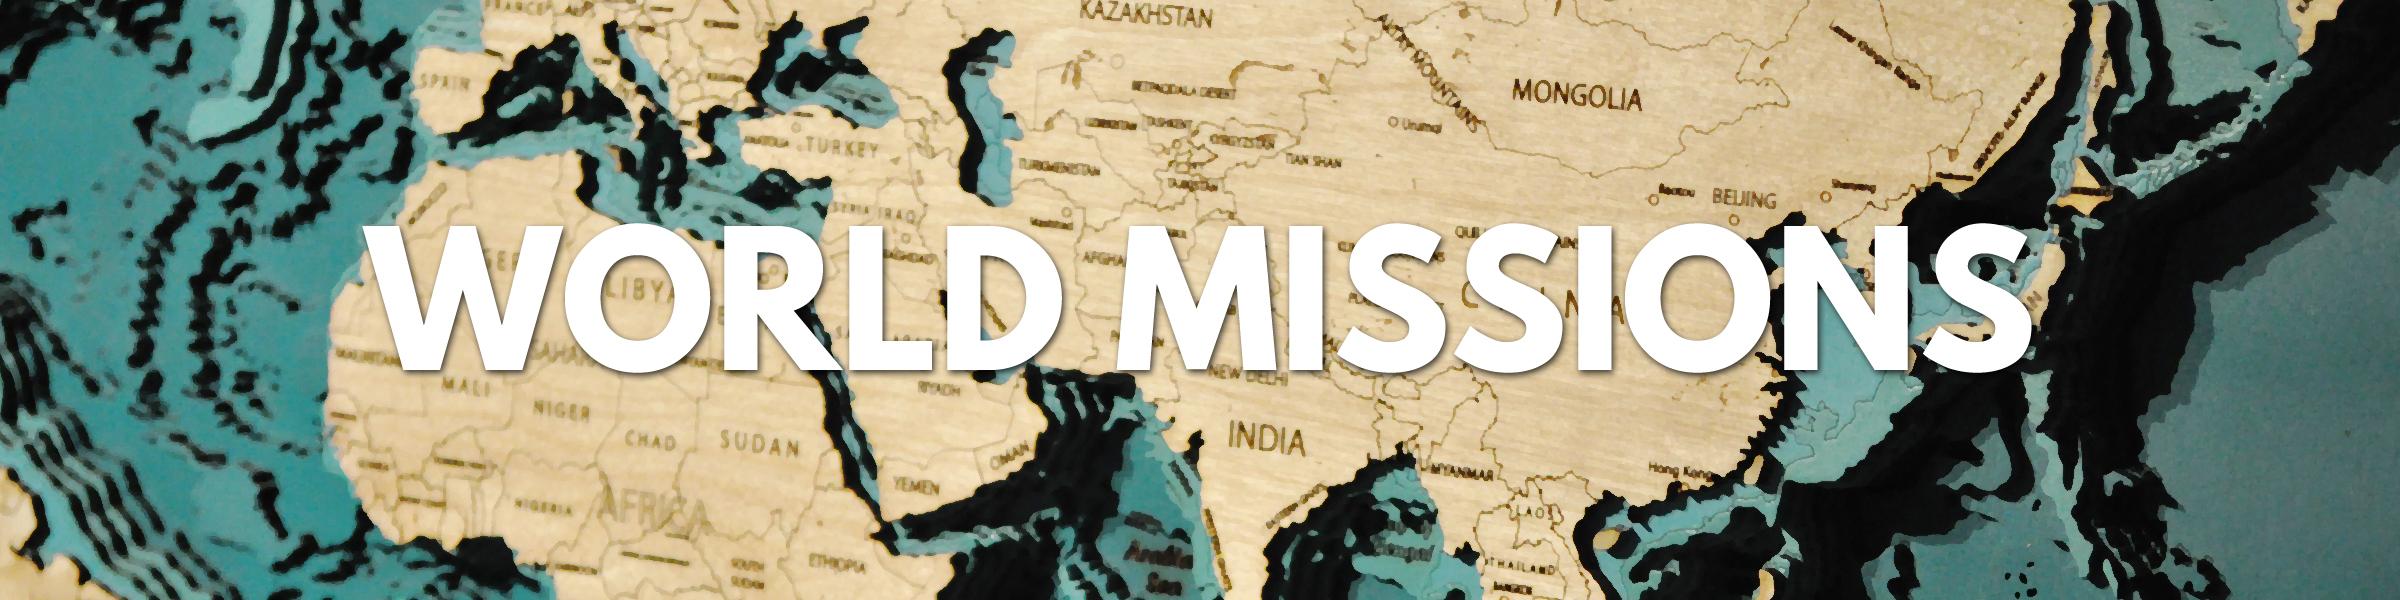 World Missions Header.jpg